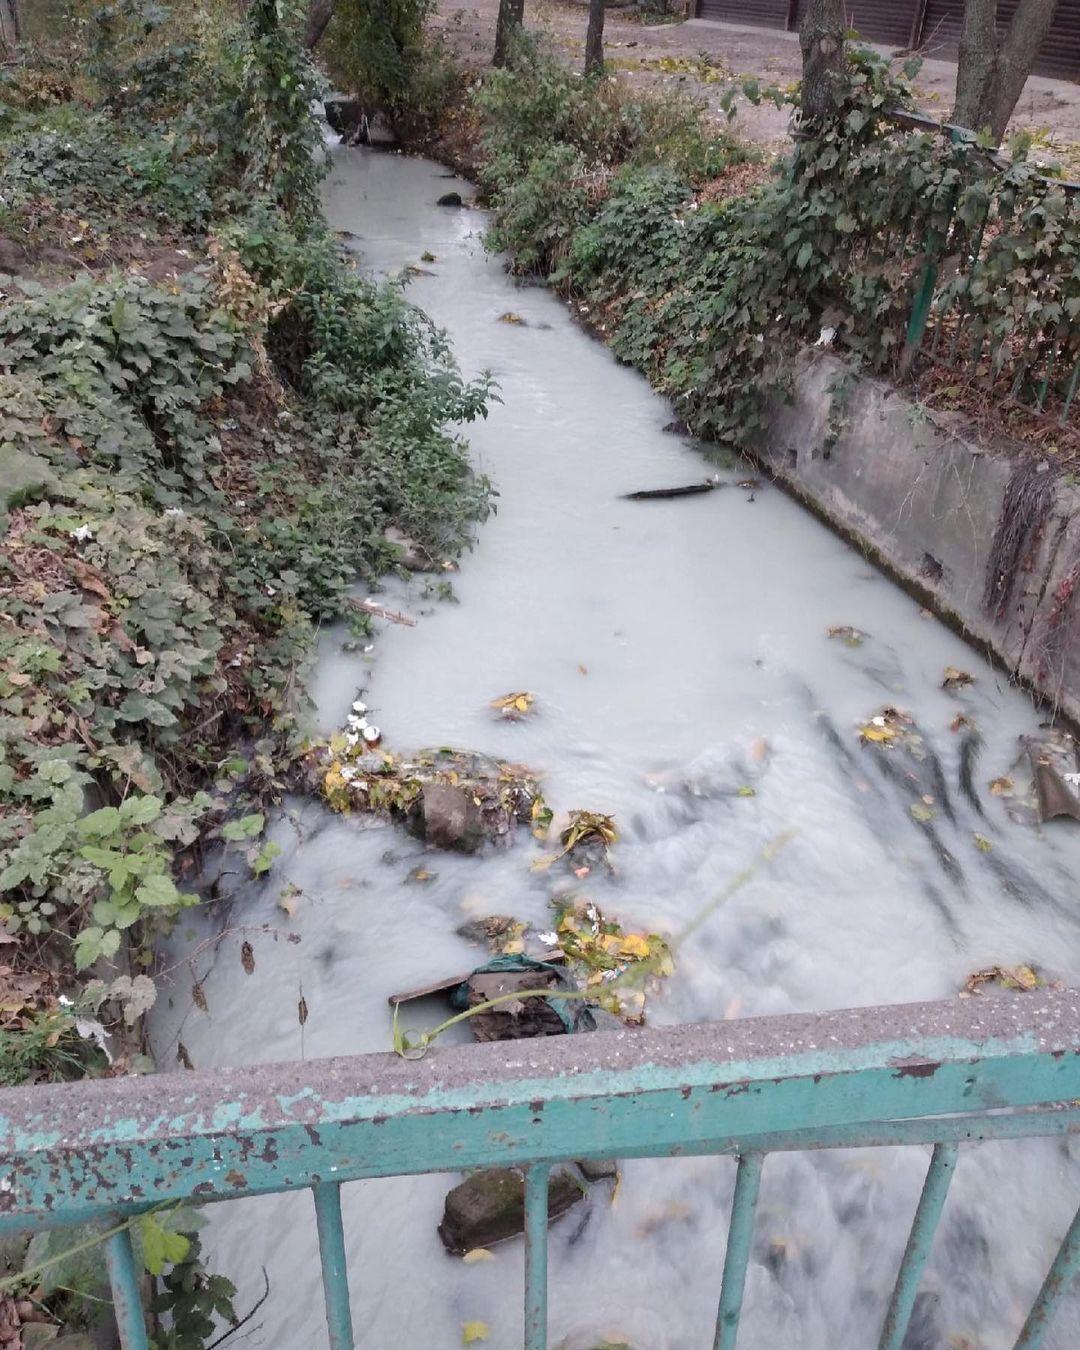 Местным жителям предложили набирать воду из местной грязной реки Славянка